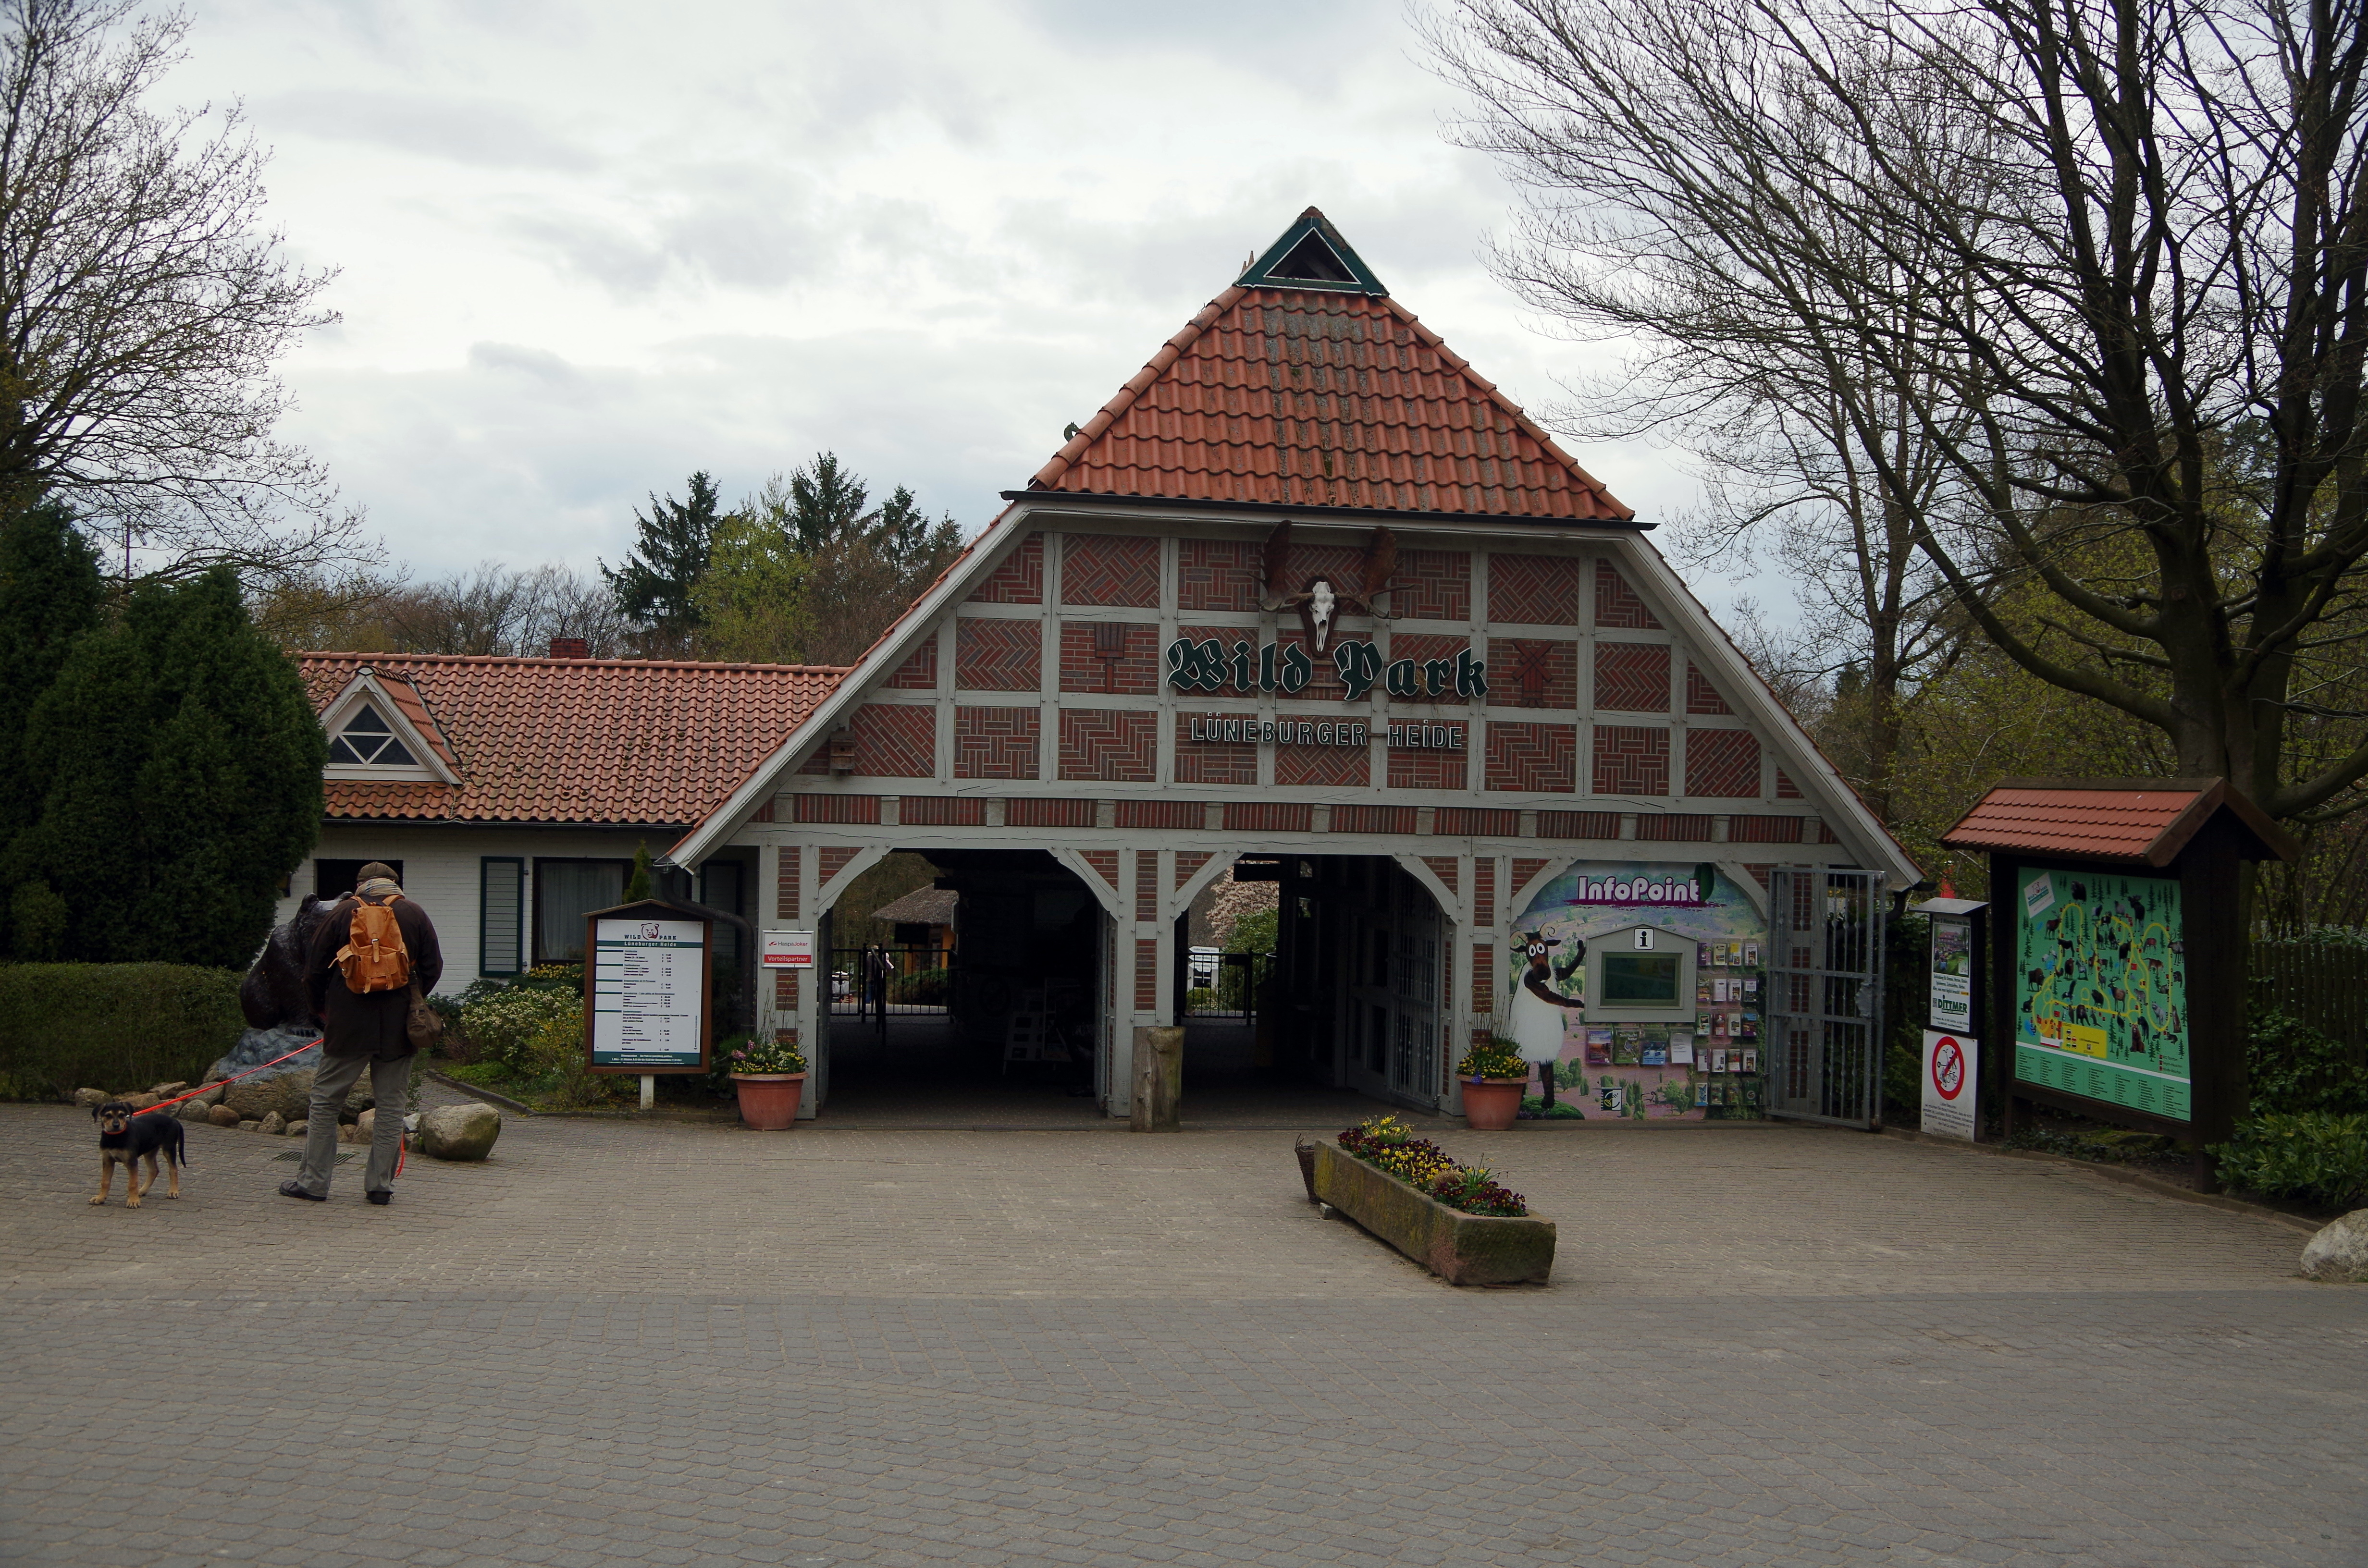 Wildpark Lüneburger Heide Karte.Wildpark Lüneburger Heide Reiseführer Auf Wikivoyage